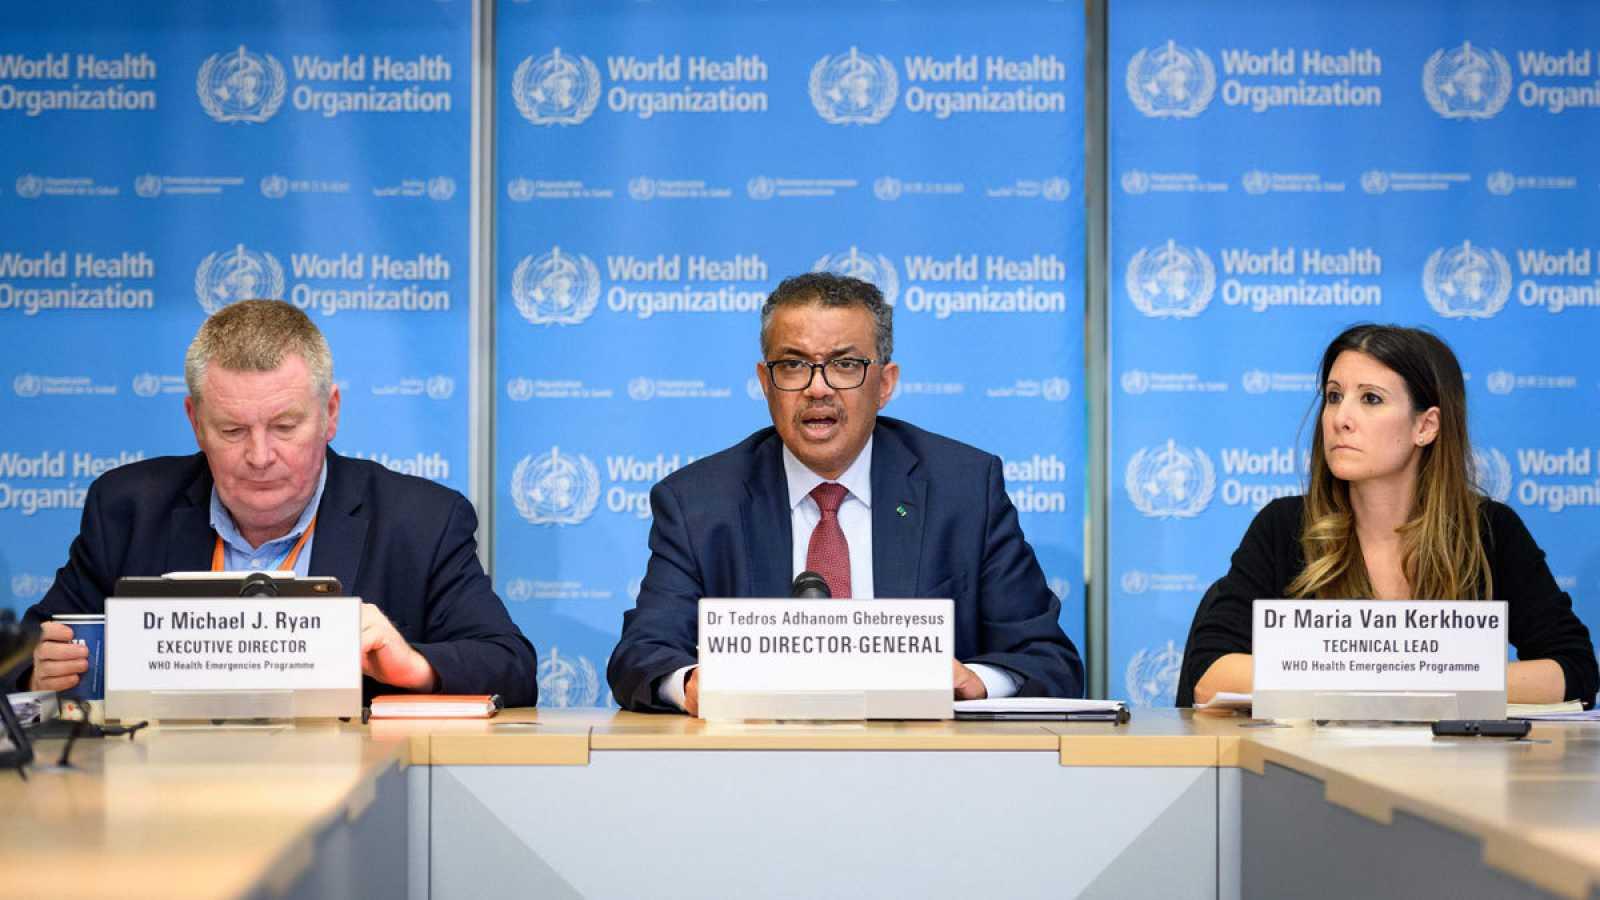 El director general de la Organización Mundial de la Salud (OMS), Tedros Adhanom Ghebreyesus (c), junto a otros miembros de la organización.